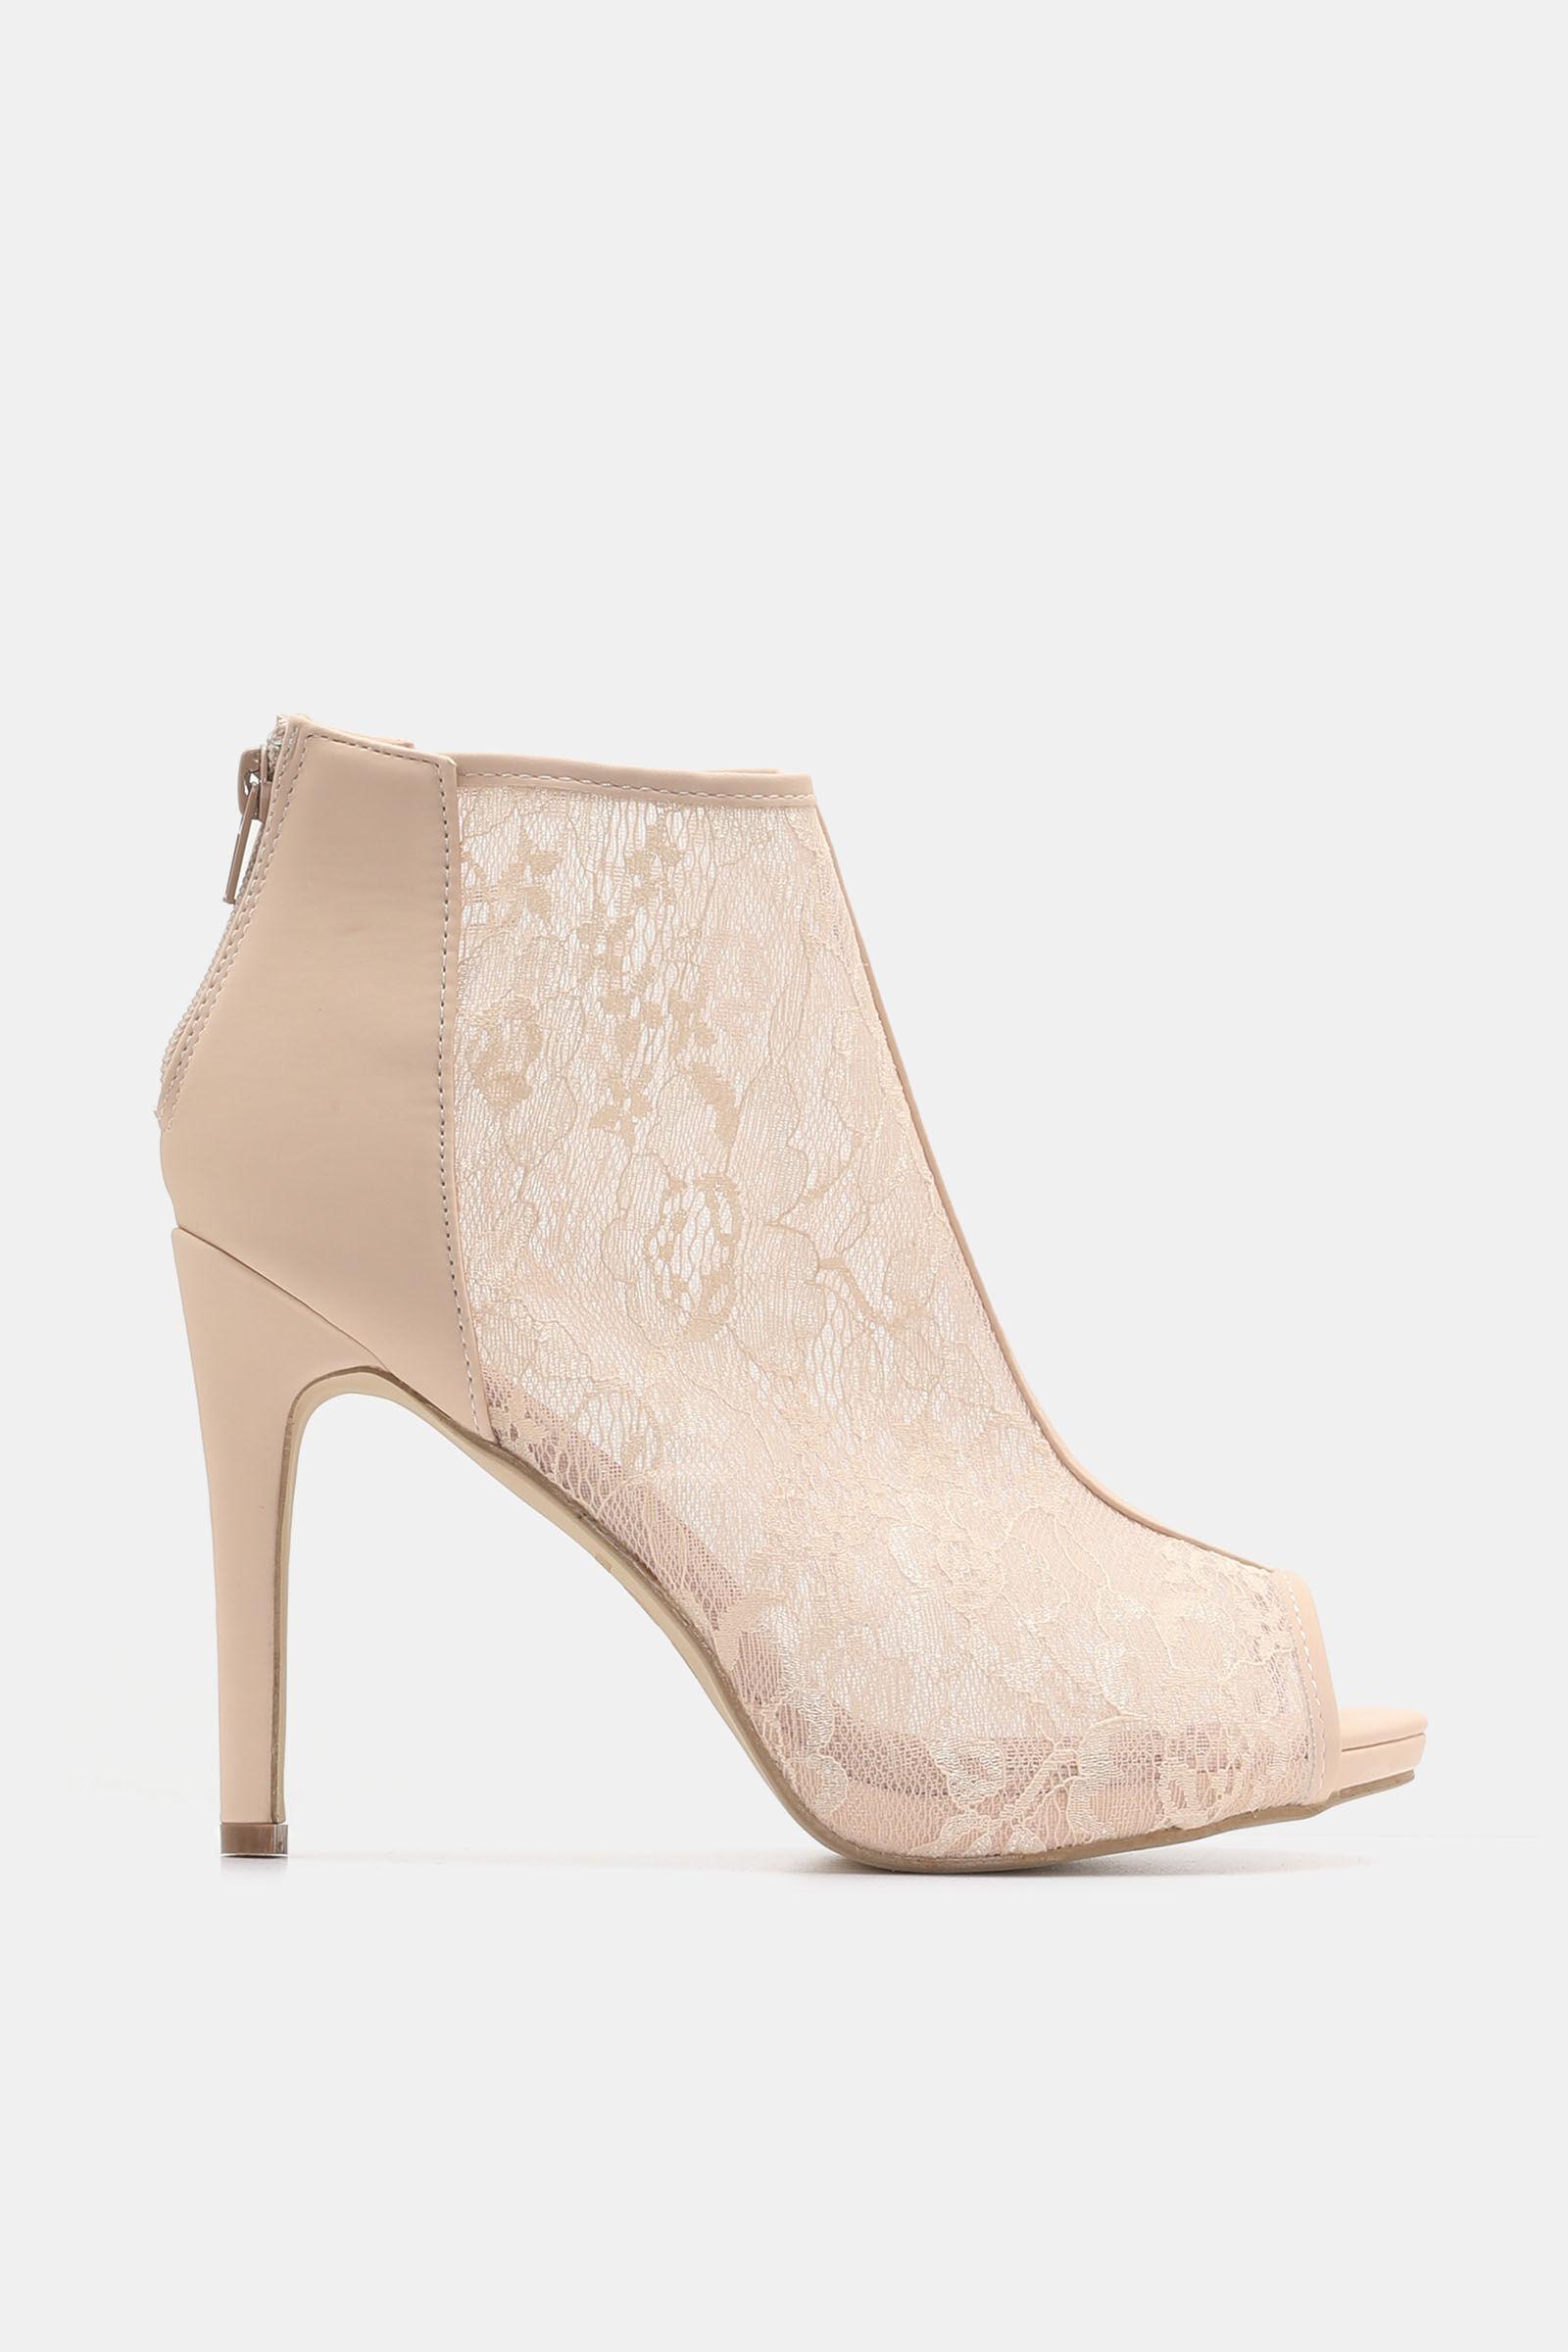 Pour FemmeArdène HautsCompensés Talons Chaussures 8v0NnwOm